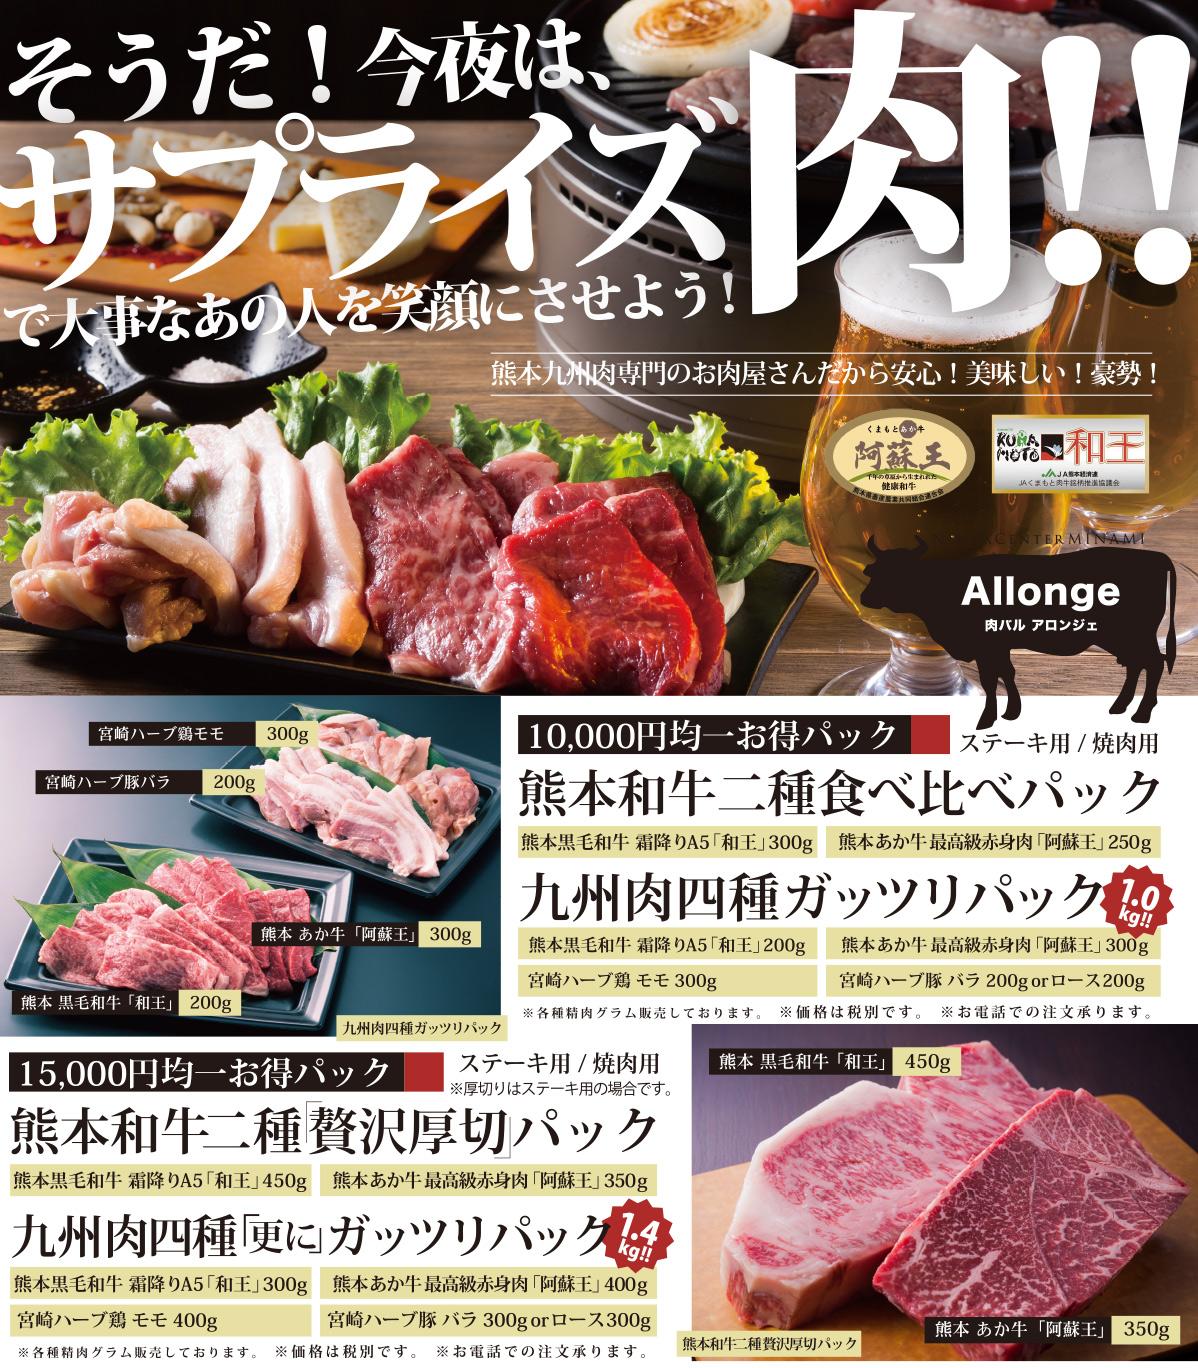 肉 バル アロンジェ